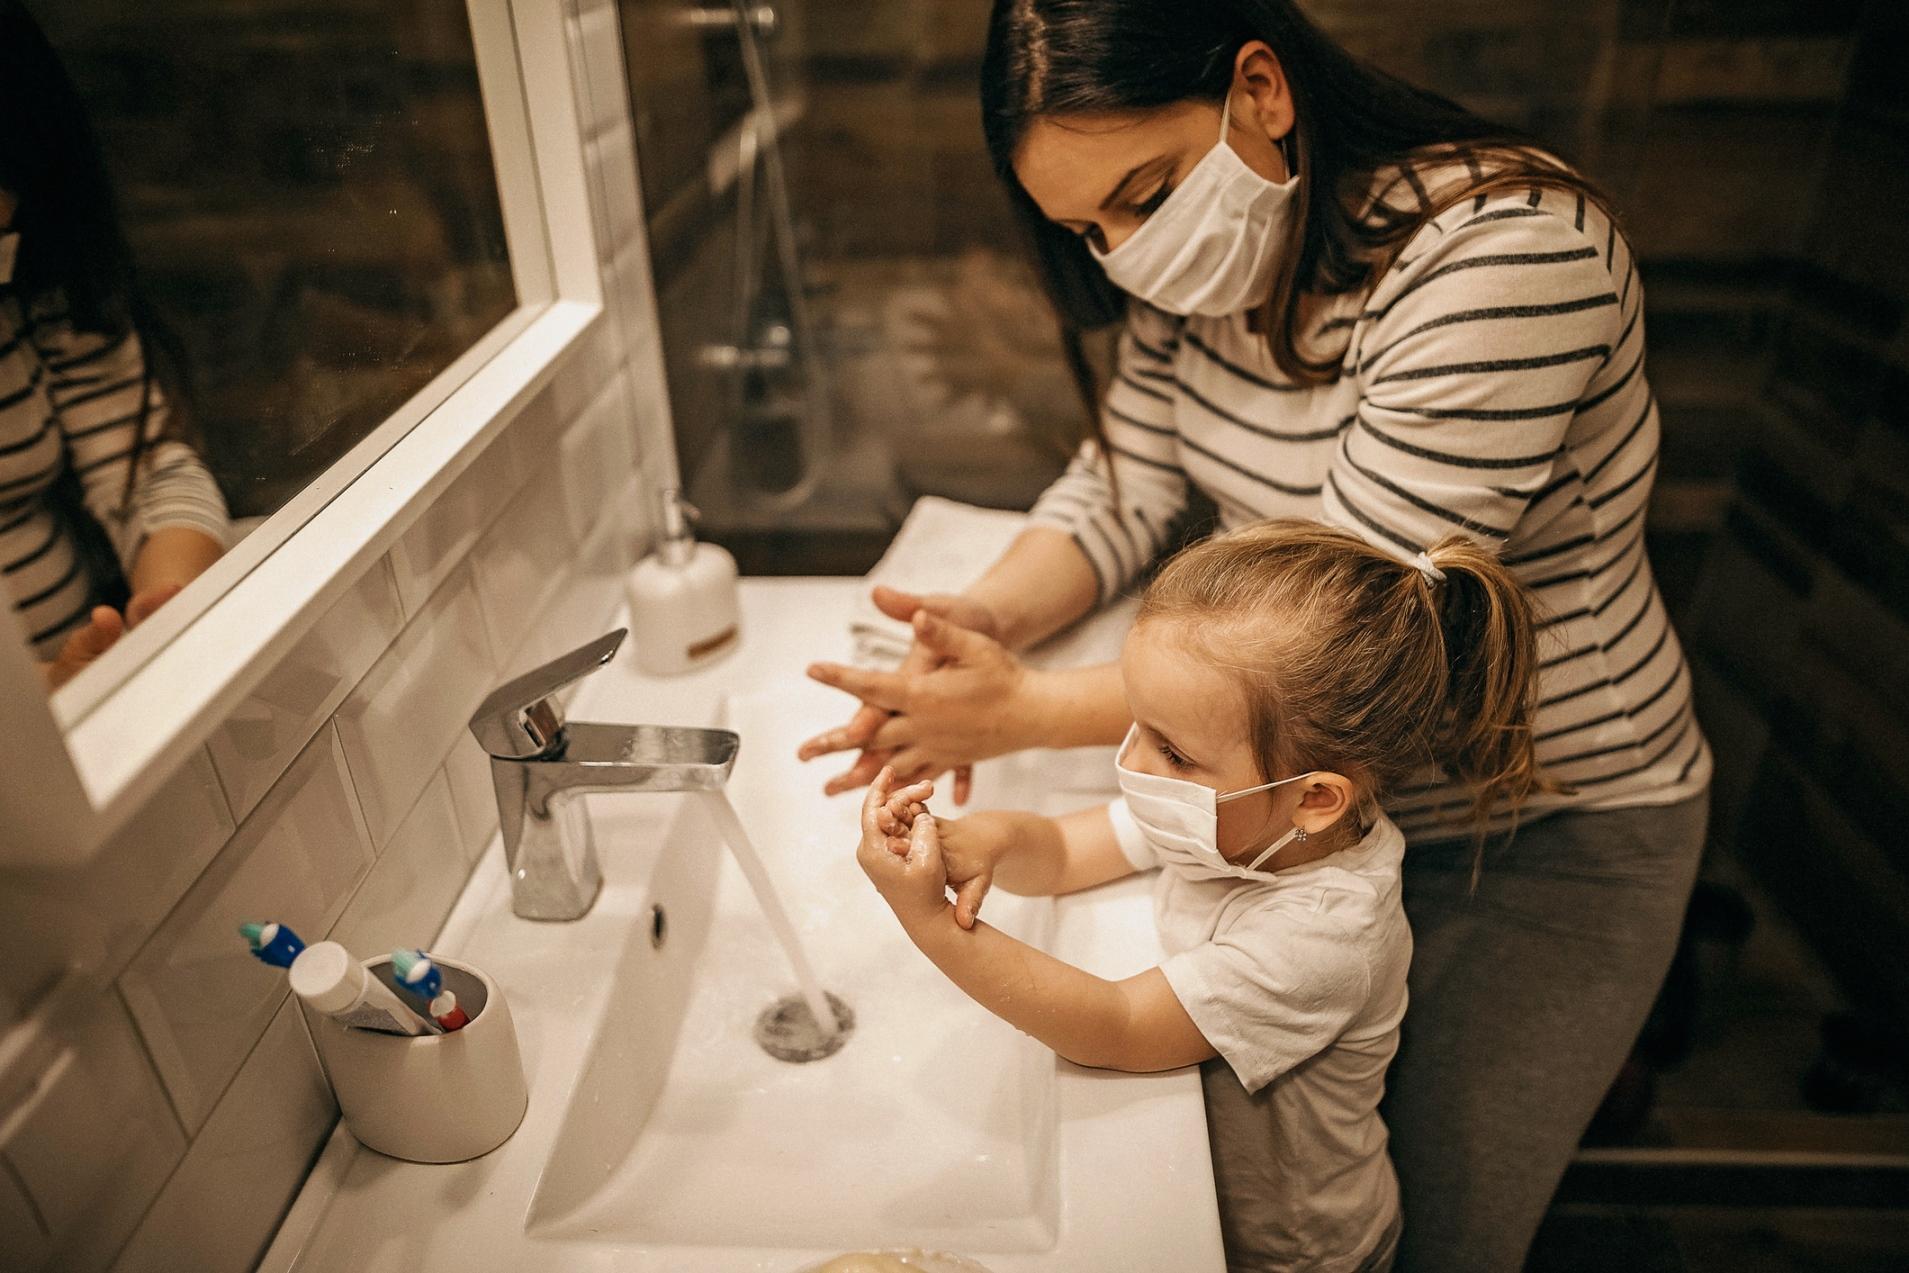 Por que o simples ato de lavar as mãos é tão importante?